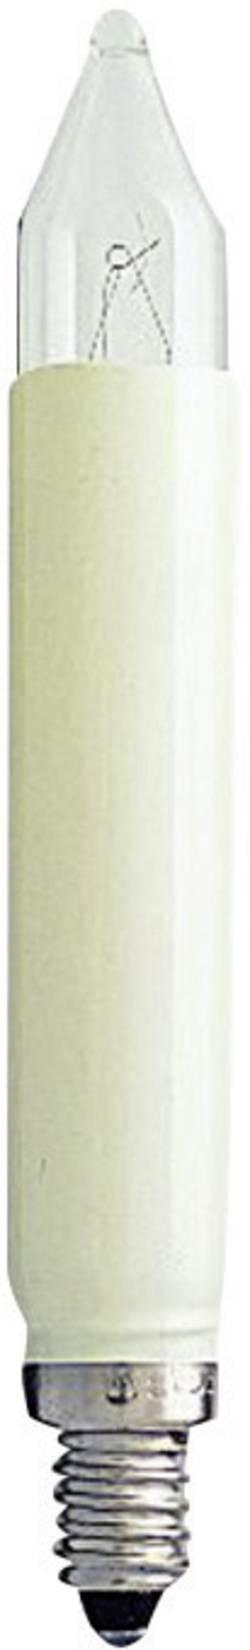 Image of Konstsmide 1034-020 Normal-Schaftkerze 2 St. E10 12 V Klar